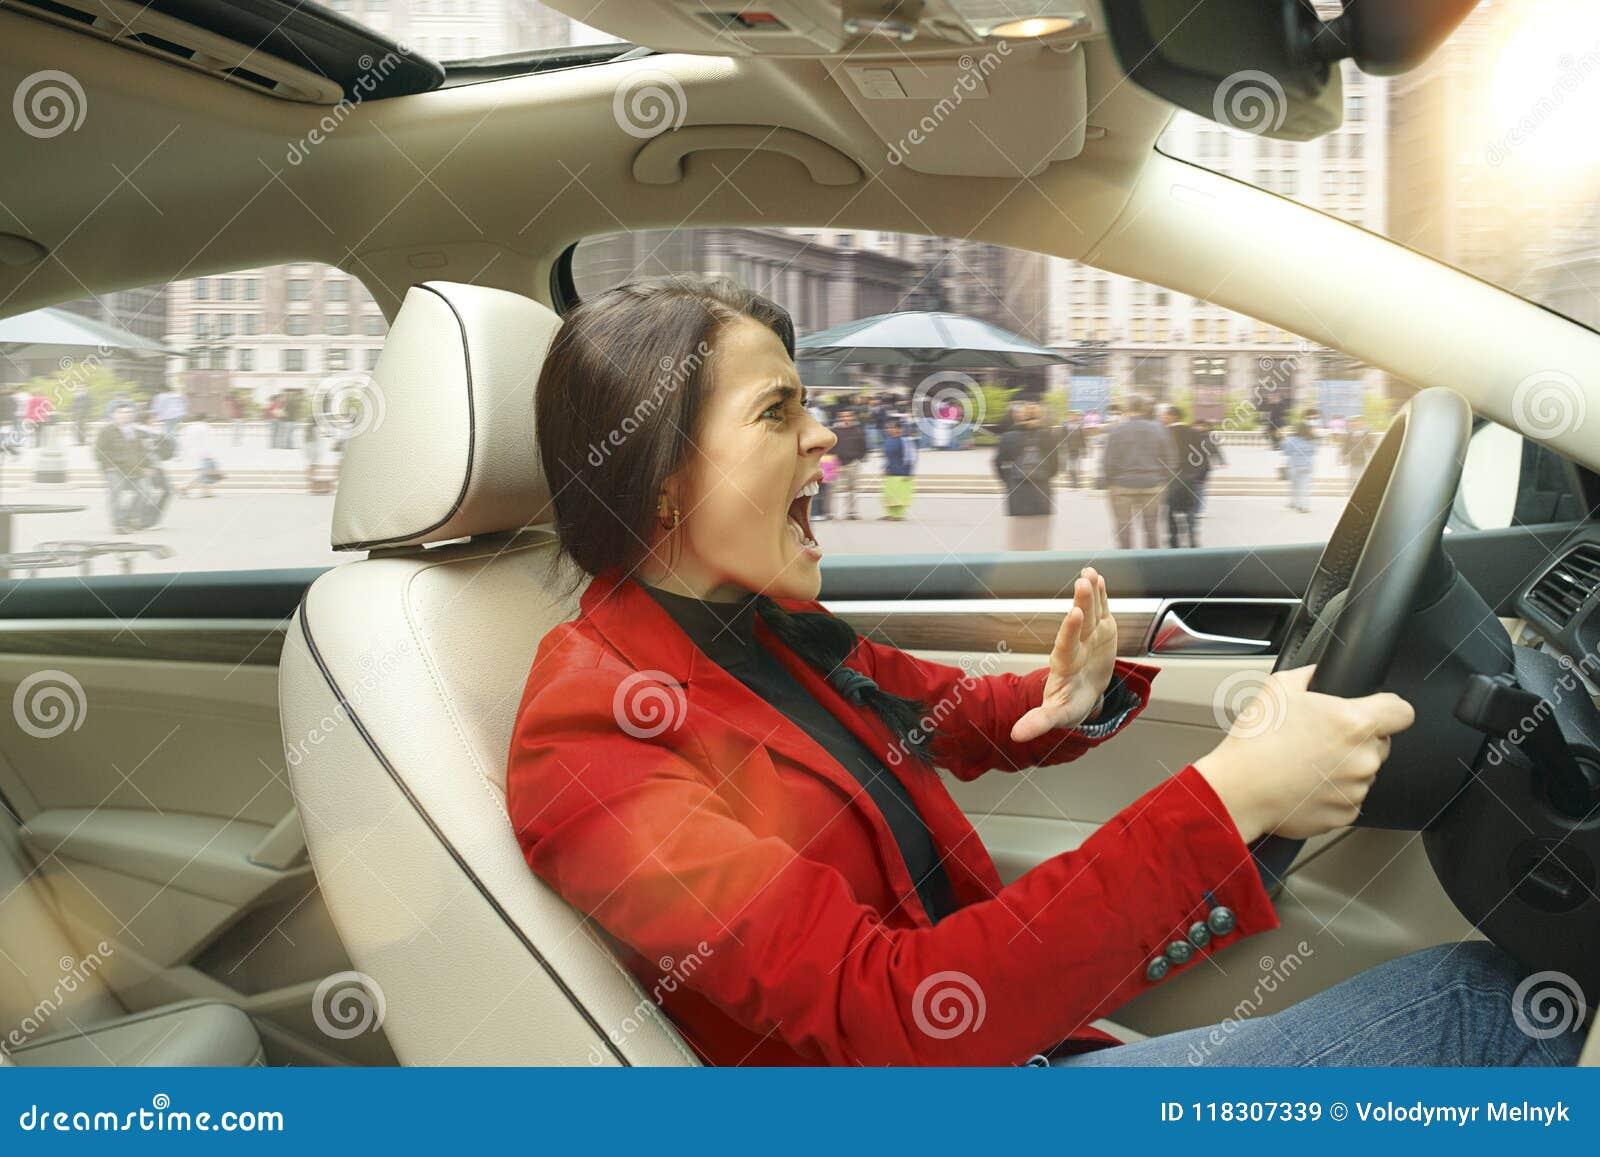 Entraînement autour de la ville Jeune femme attirante conduisant une voiture